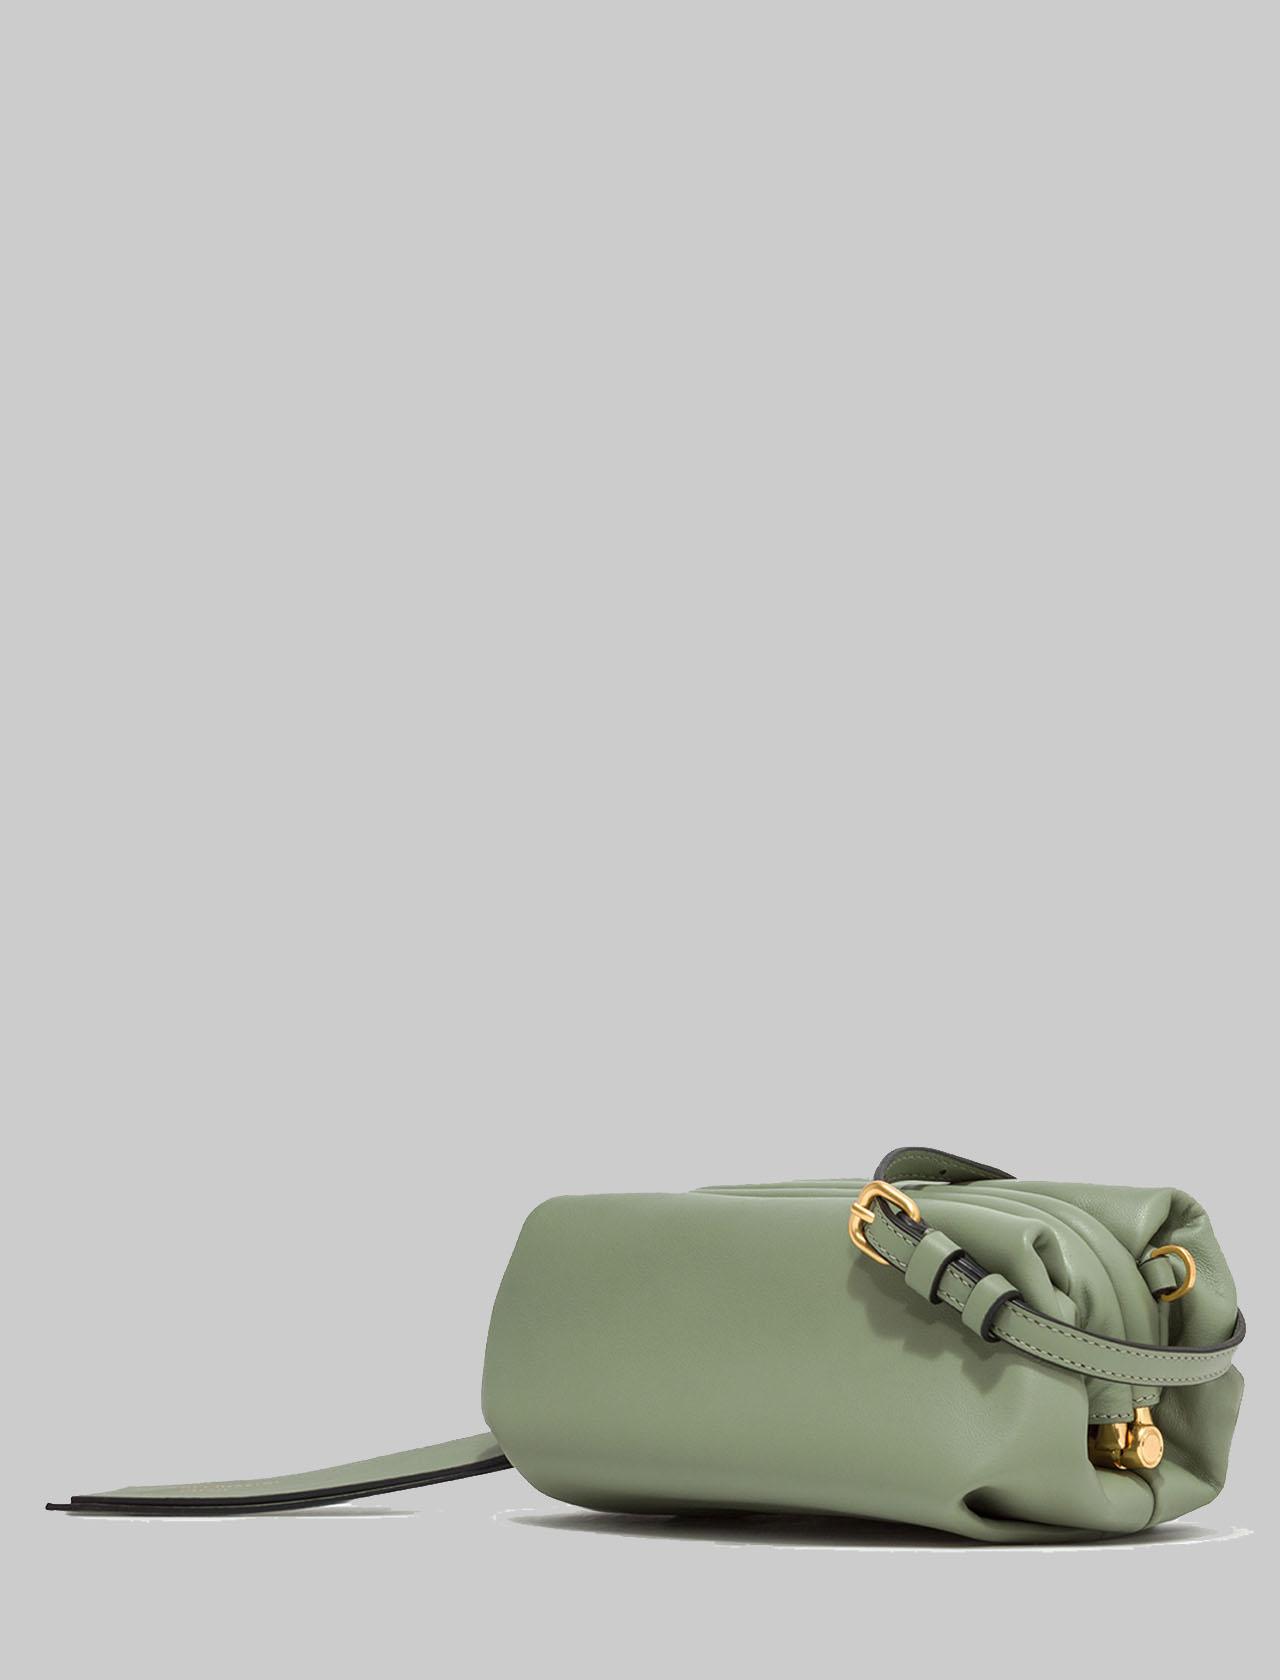 Borsa Donna Mini Colette In Pelle Verde Con Catena Oro E Tracolla In Pelle Removibile E Regolabile Gianni Chiarini | Borse e zaini | BS840411709